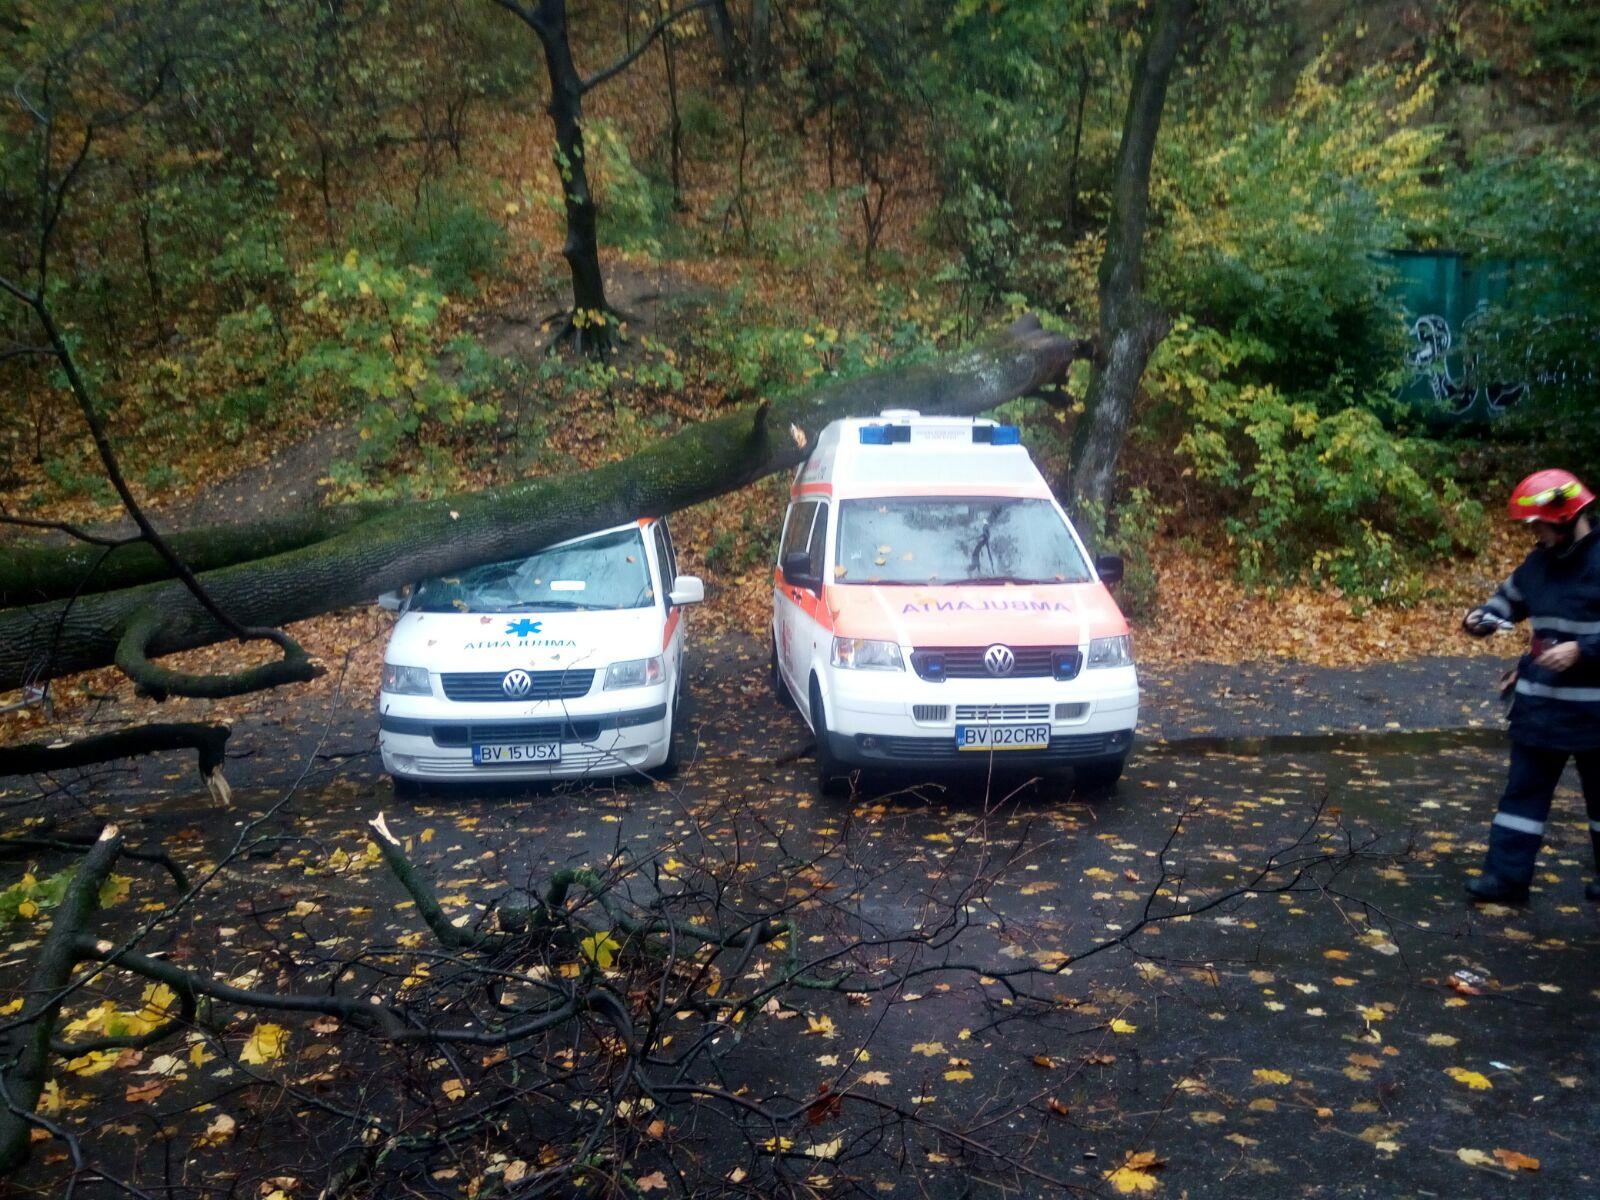 Un copac a căzut peste două ambulanţe în faţa sediului Crucii Roşii Braşov | FOTO, VIDE